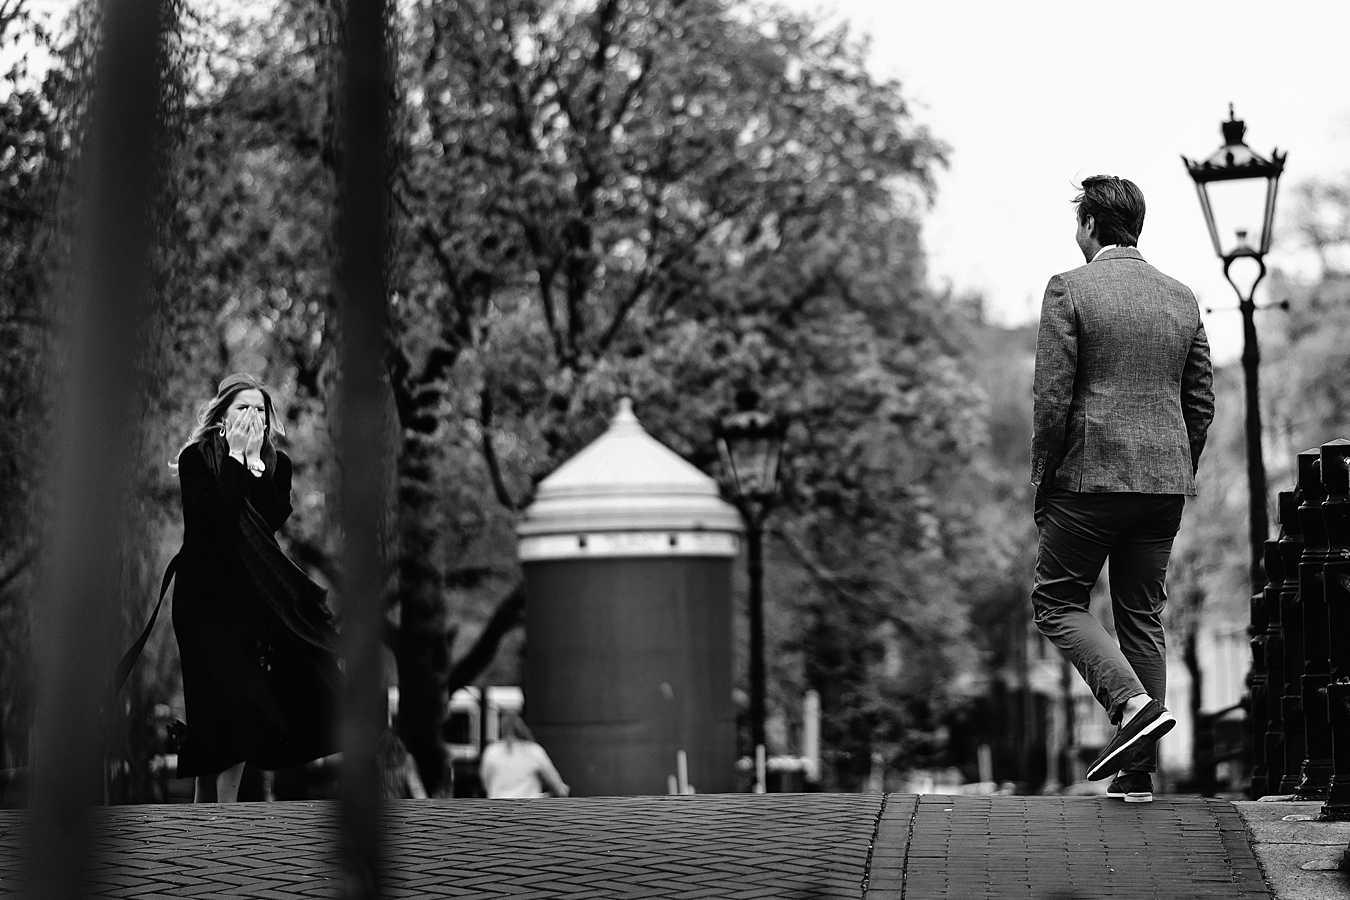 RUUDC Fotografie, fotograaf, Aanzoek Amsterdam, verrassingsaanzoek grachten Amsterdam, verloving Amsterdam, engagement Amsterdam, bruidsfotograaf Amsterdam,proposal Amsterdam, elopement Amsterdam, surprise proposal Amsterdam, prinsengracht, reguliersgracht, amsterdam canals, photoshoot amsterdam, couple's session amsterdam, amsterdam wedding photographer